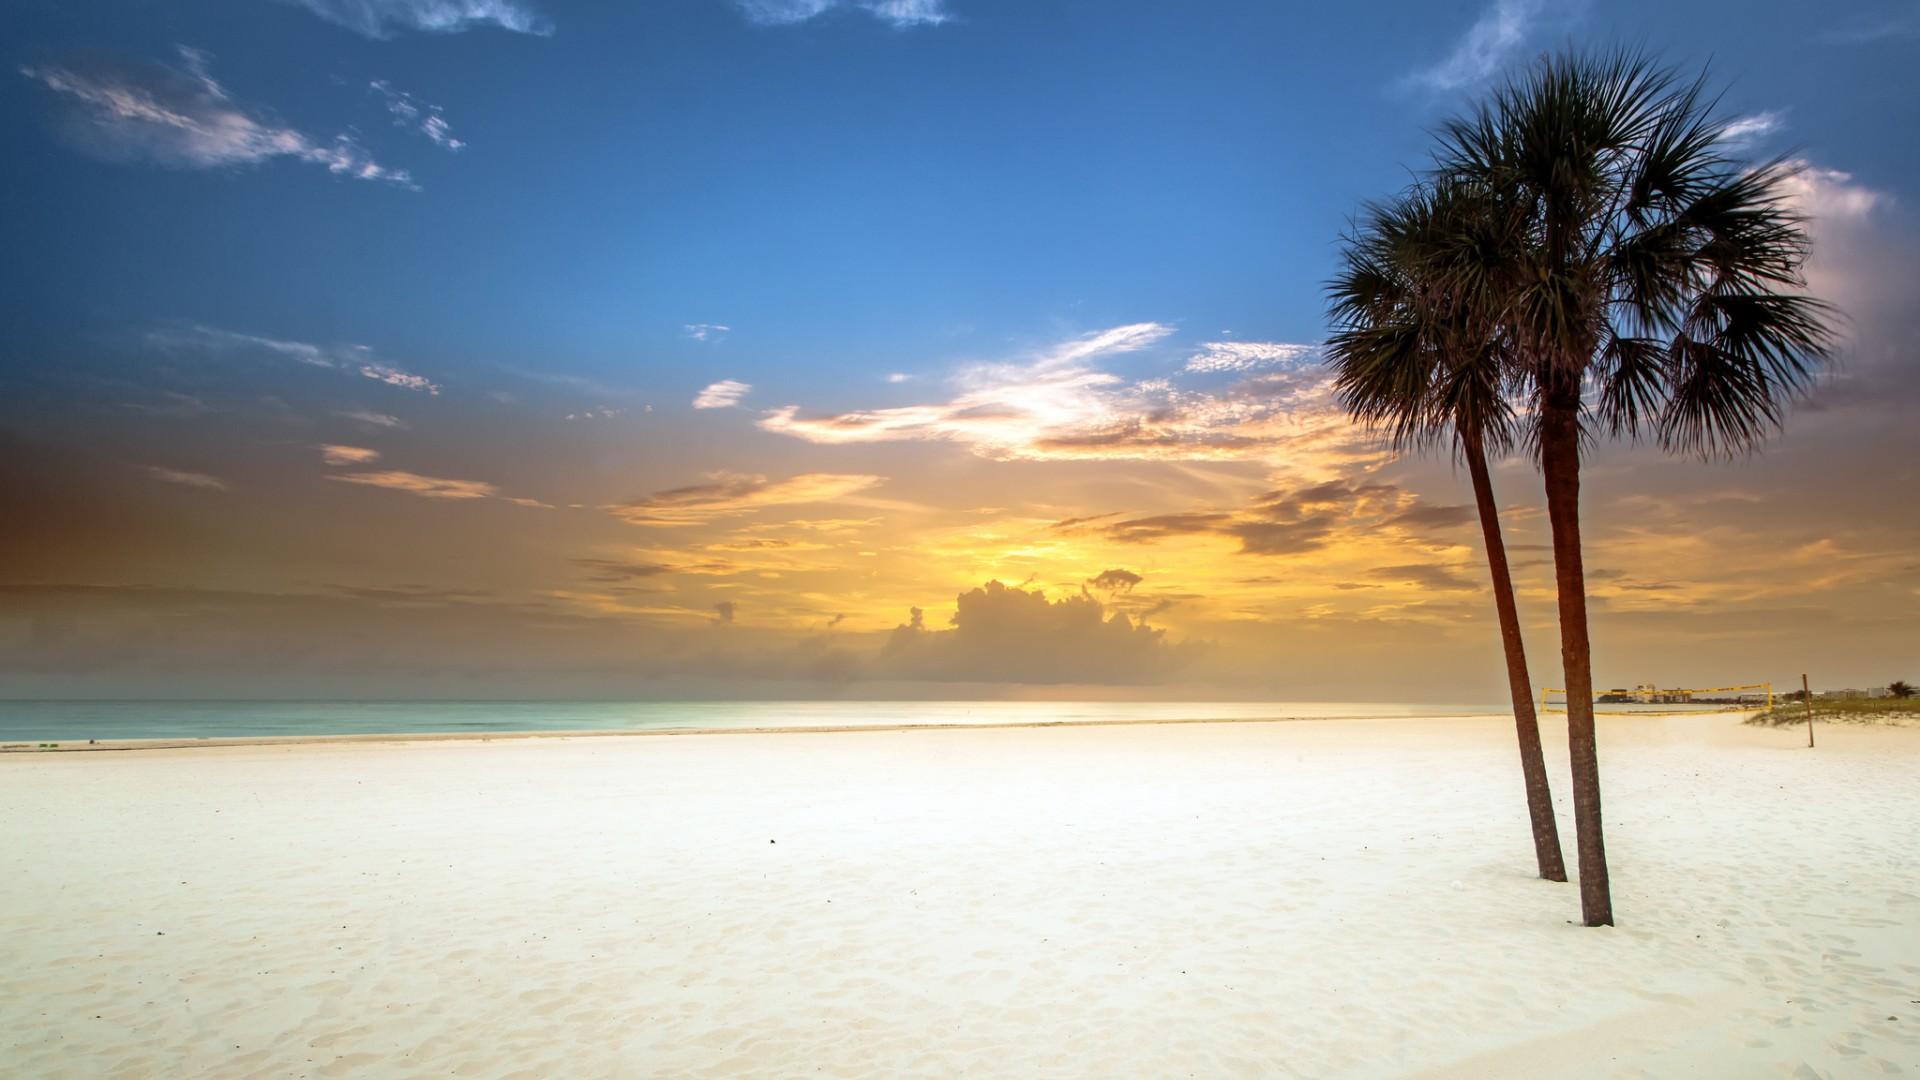 Залив, пляж, песок, белый обои скачать